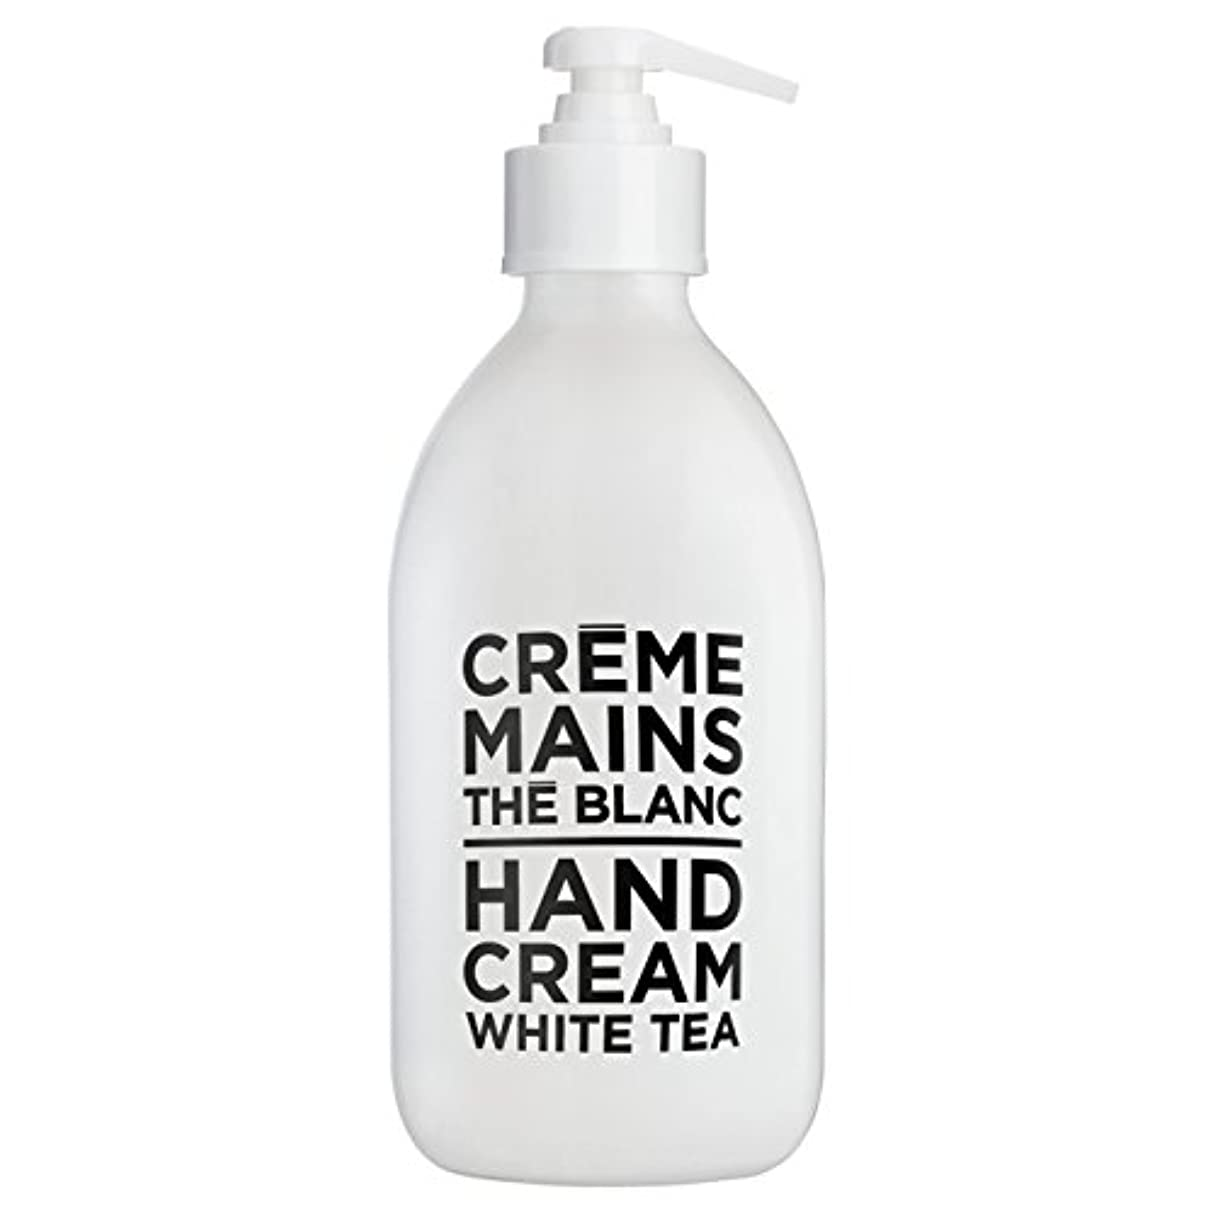 金銭的な任命受動的カンパニードプロバンス ブラック&ホワイト ハンドクリーム ホワイトティー(ホワイトティーにシトラスを添えた気品ある香り) 300ml